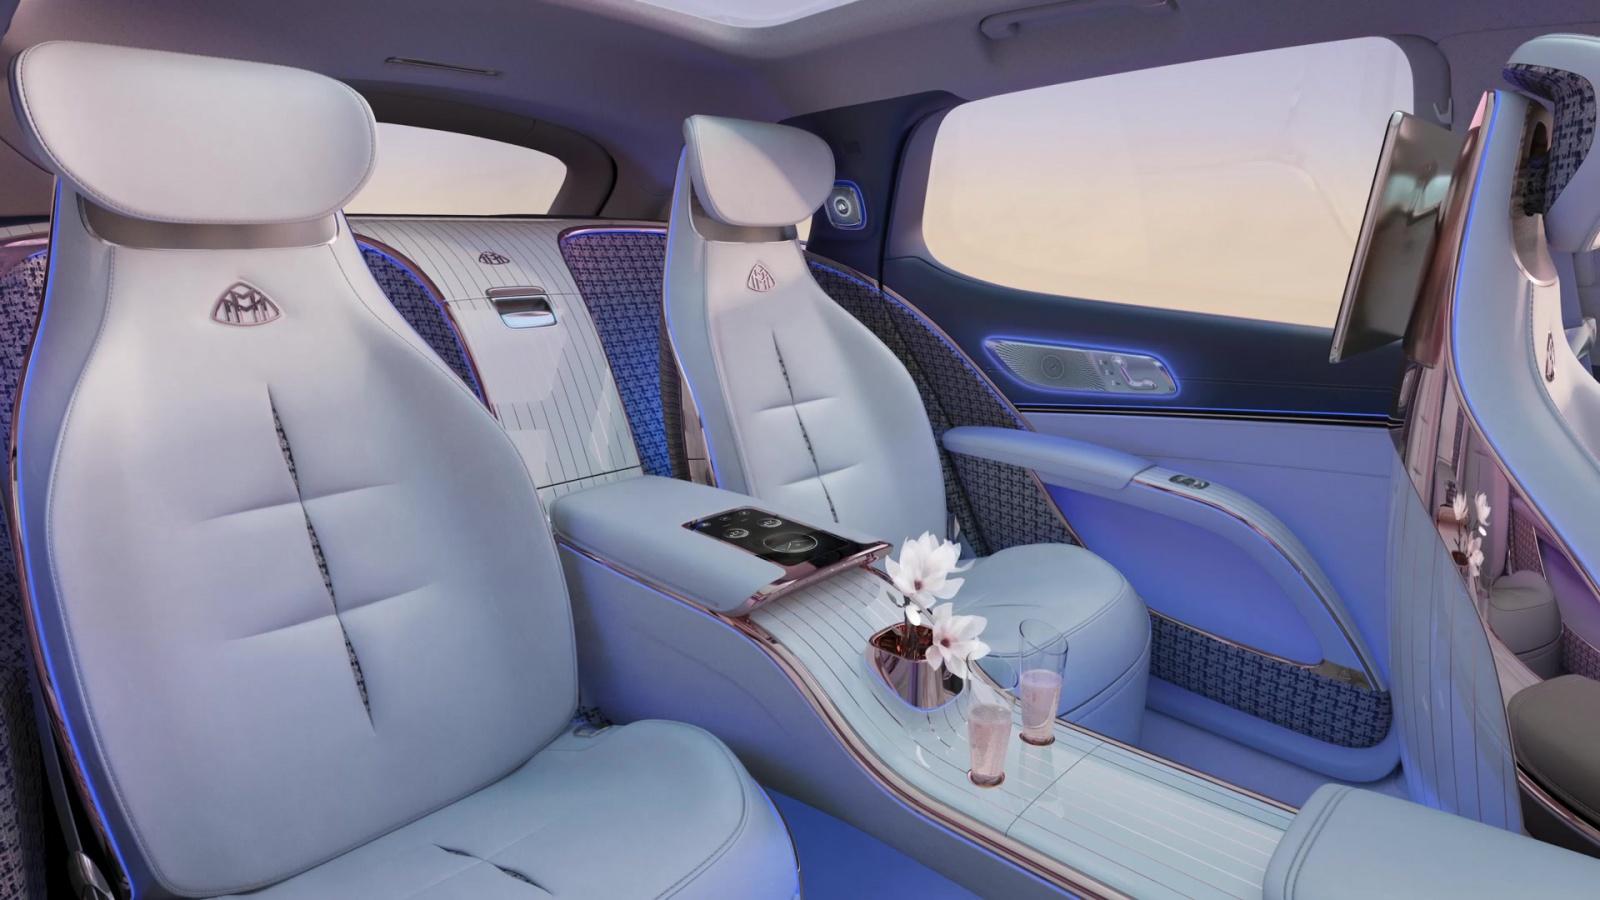 Название: 2021-09-05_Screenshot_Mercedes-Benz-at-IAA-MOBILITY-2021-45-27.jpg Просмотров: 396  Размер: 322.8 Кб